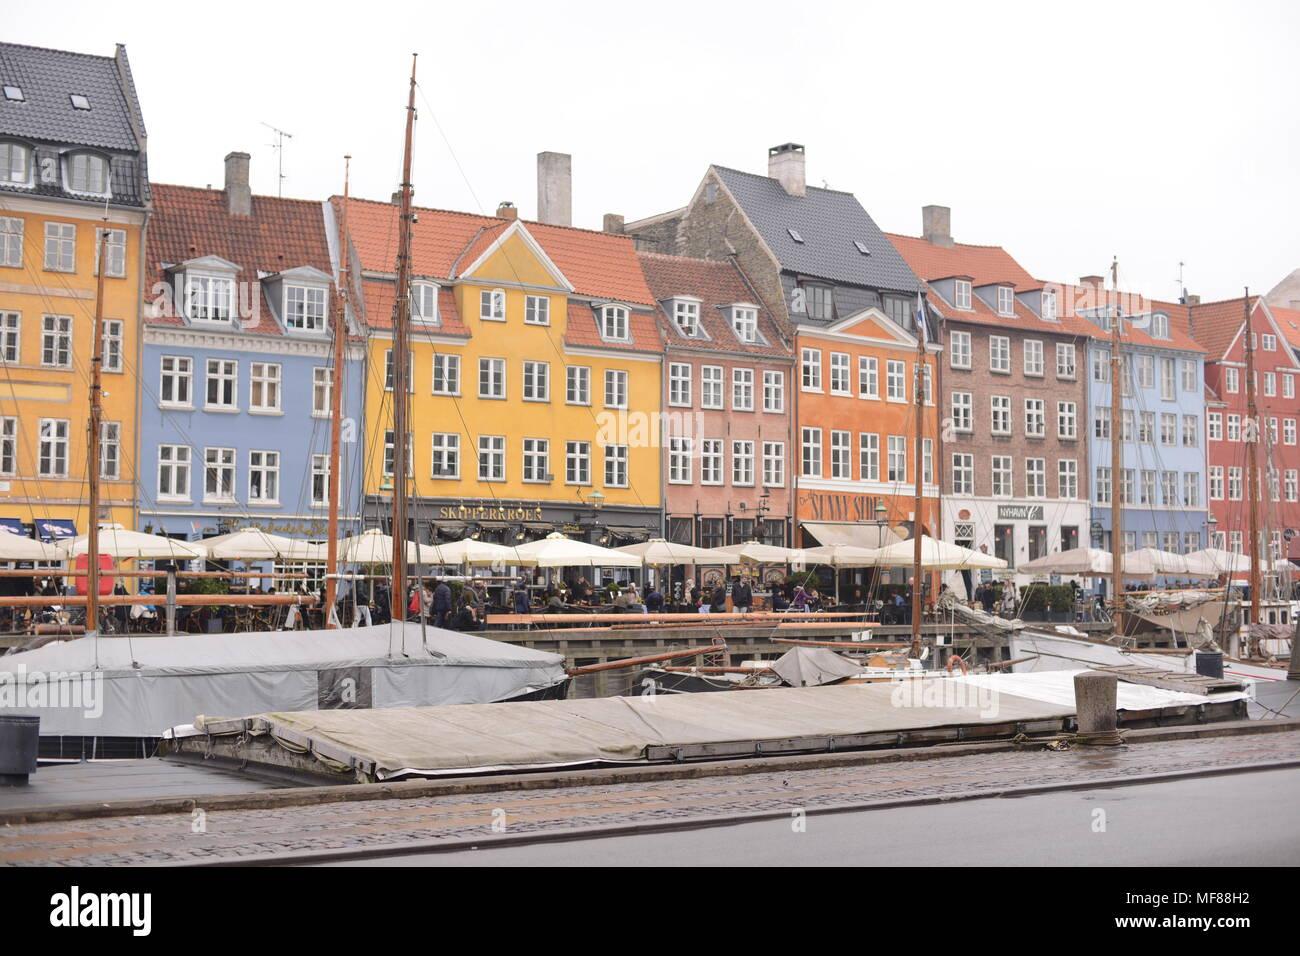 Nyhavn Denmark - Stock Image